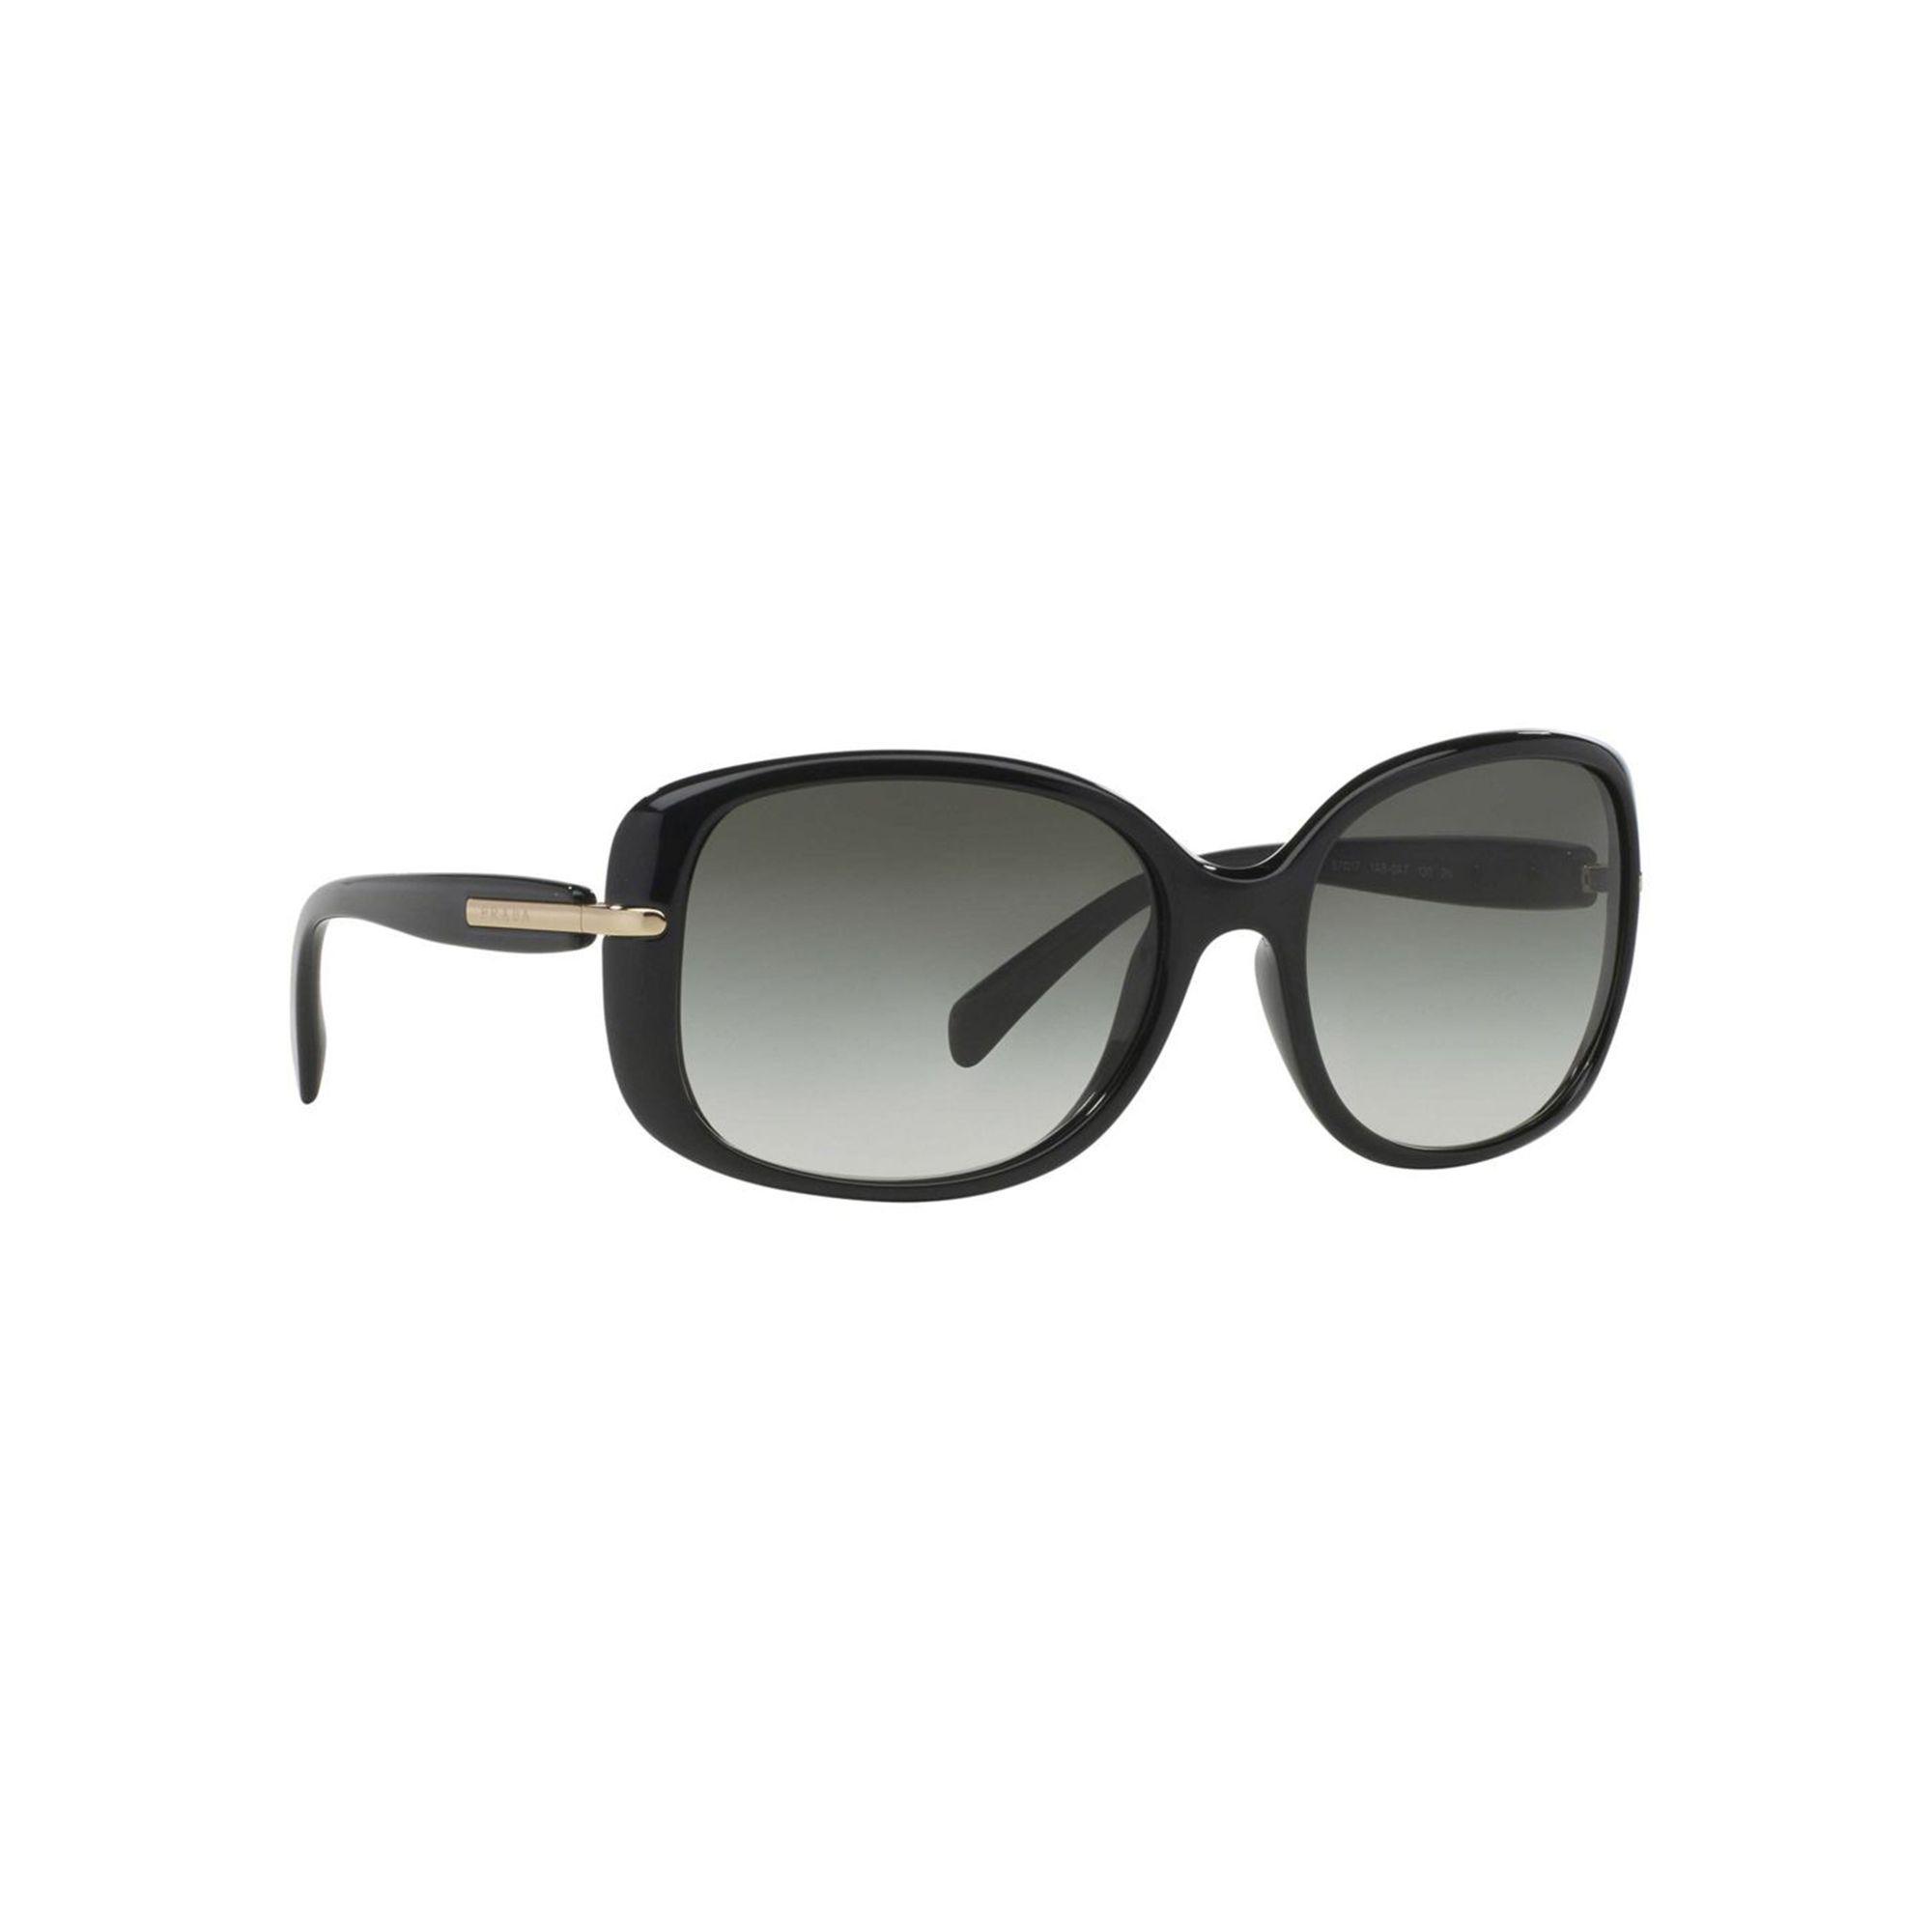 d8c9a5ea1cf42a Prada Black Pr08os Square Sunglasses in Black - Lyst